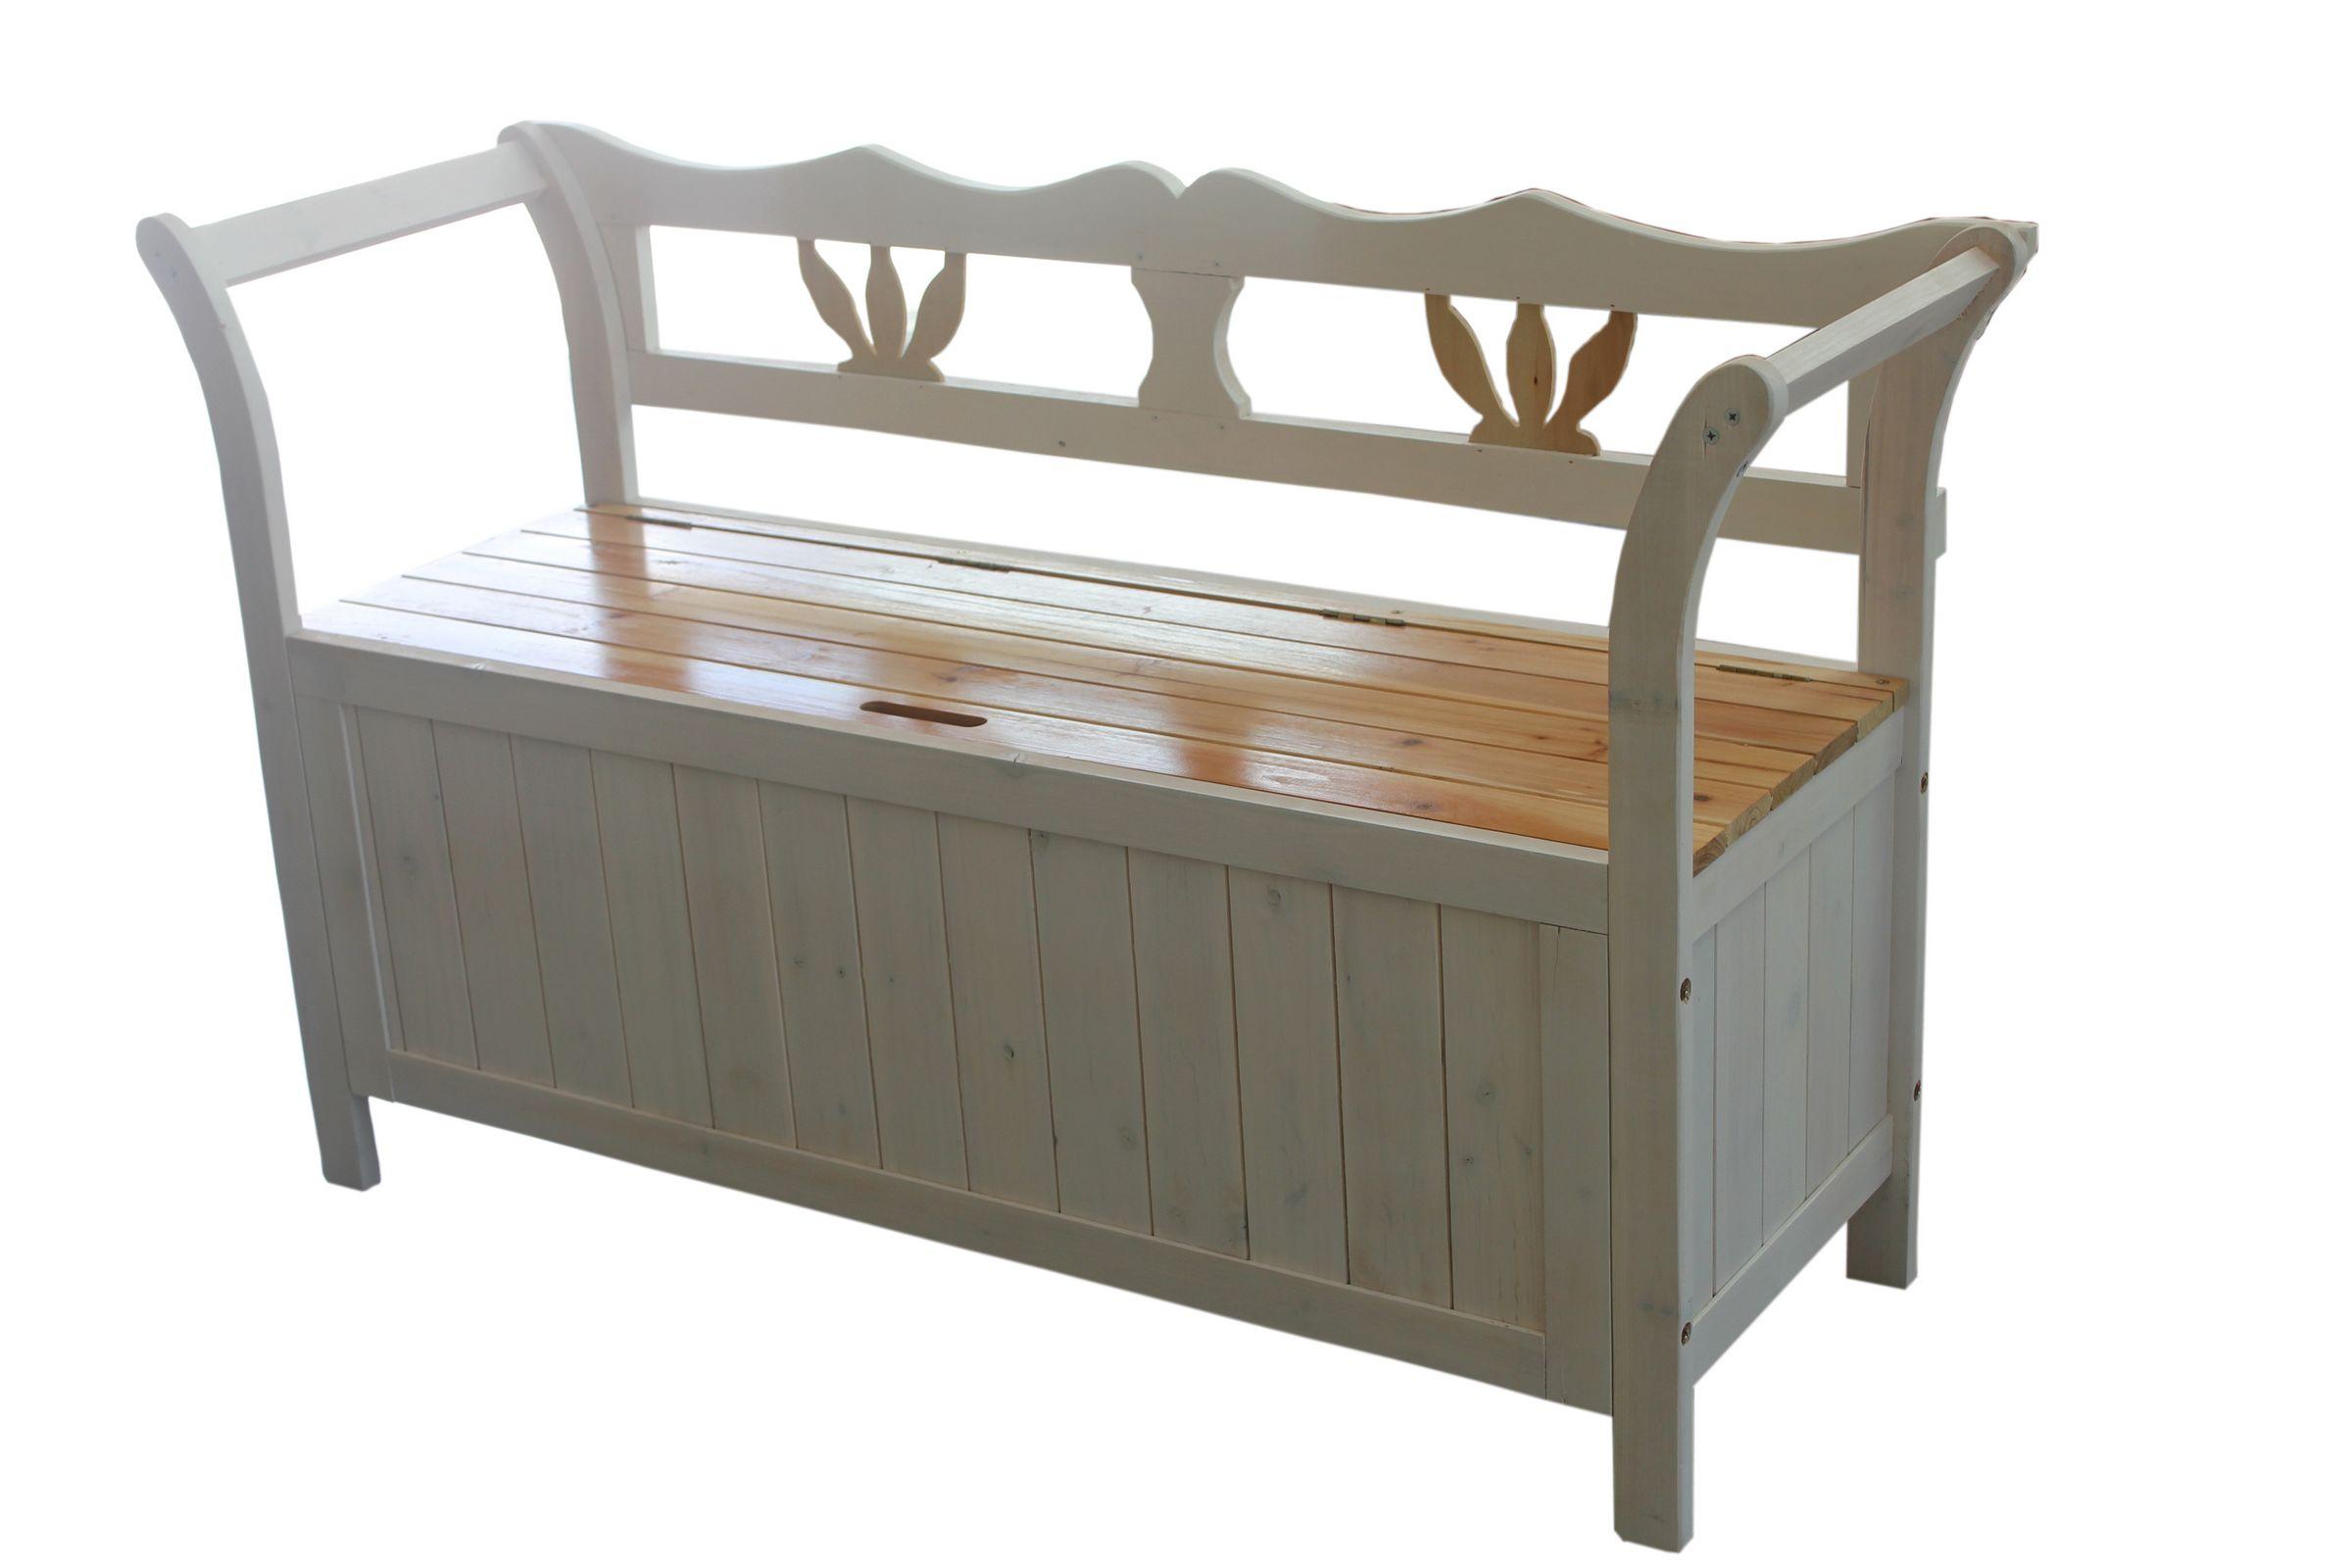 White Wooden Seat Bench Chair Cabinet Storage Home Garden